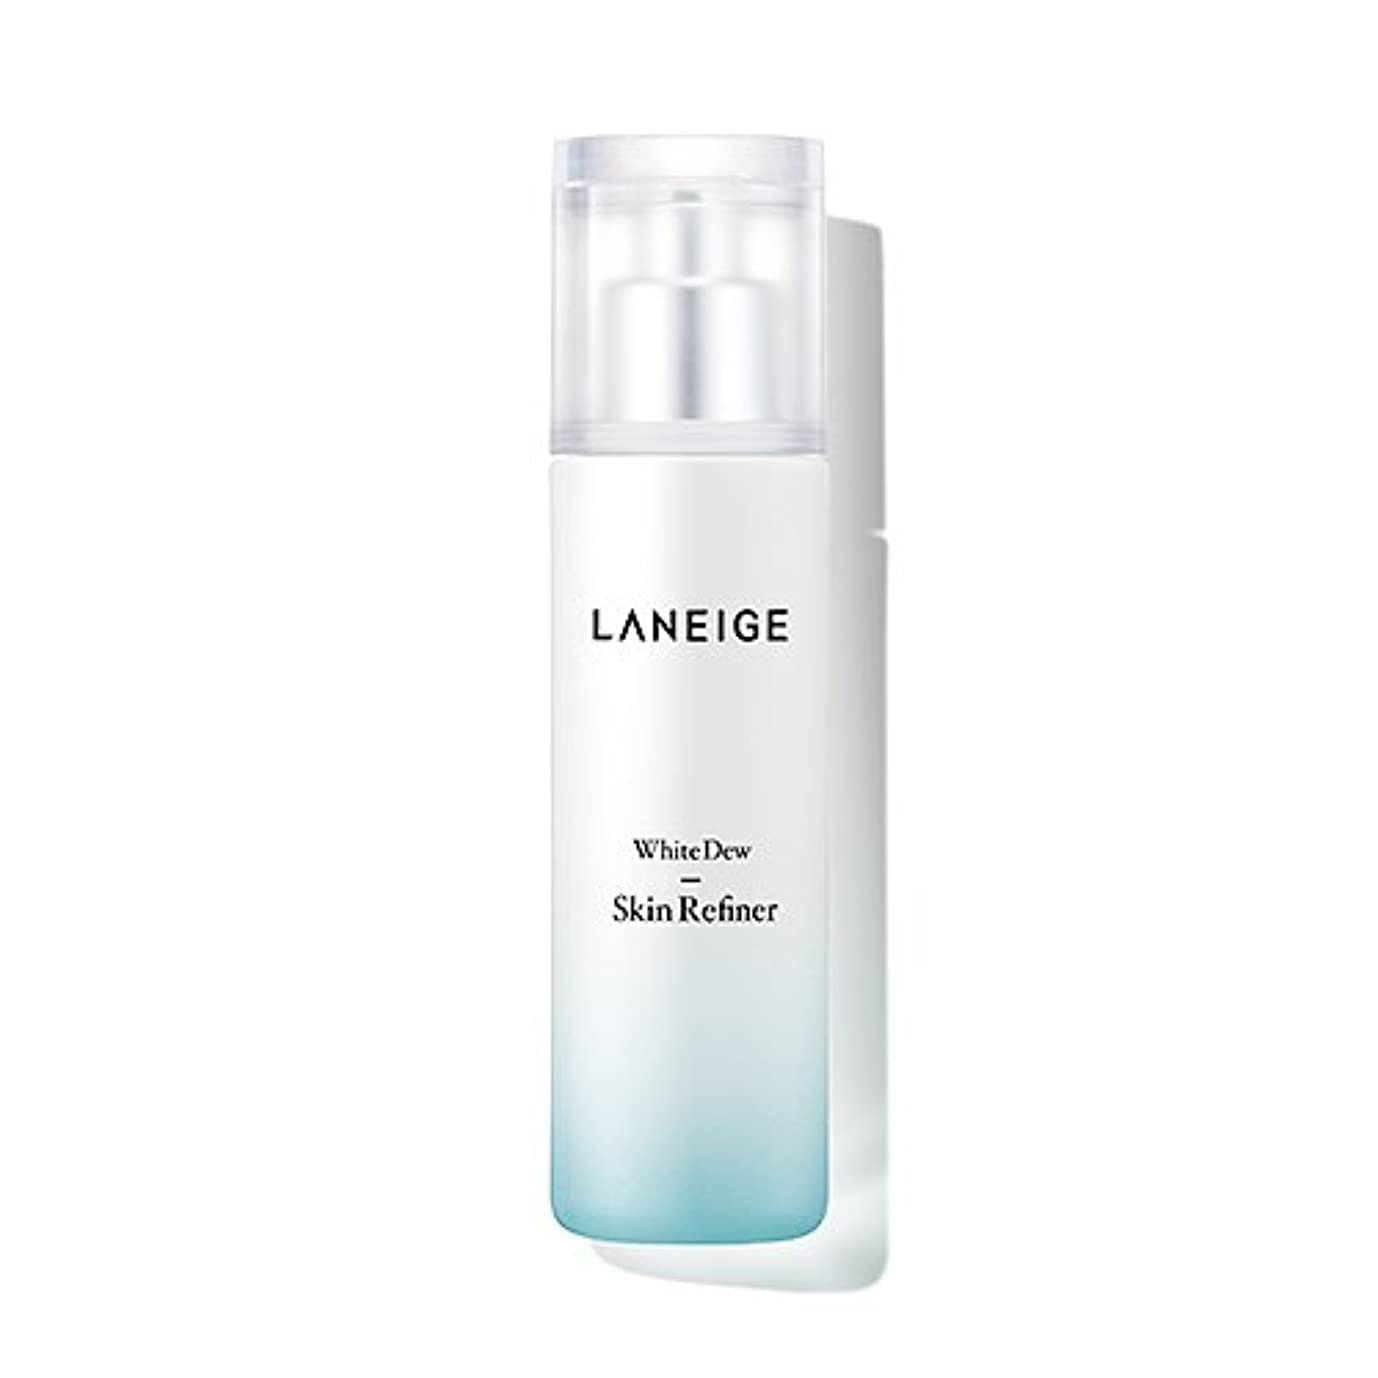 哲学的くるみ淡い[ラネージュ] LANEIGEホワイトデュースキンリファイナー White Dew Skin Refiner(海外直送品) [並行輸入品]